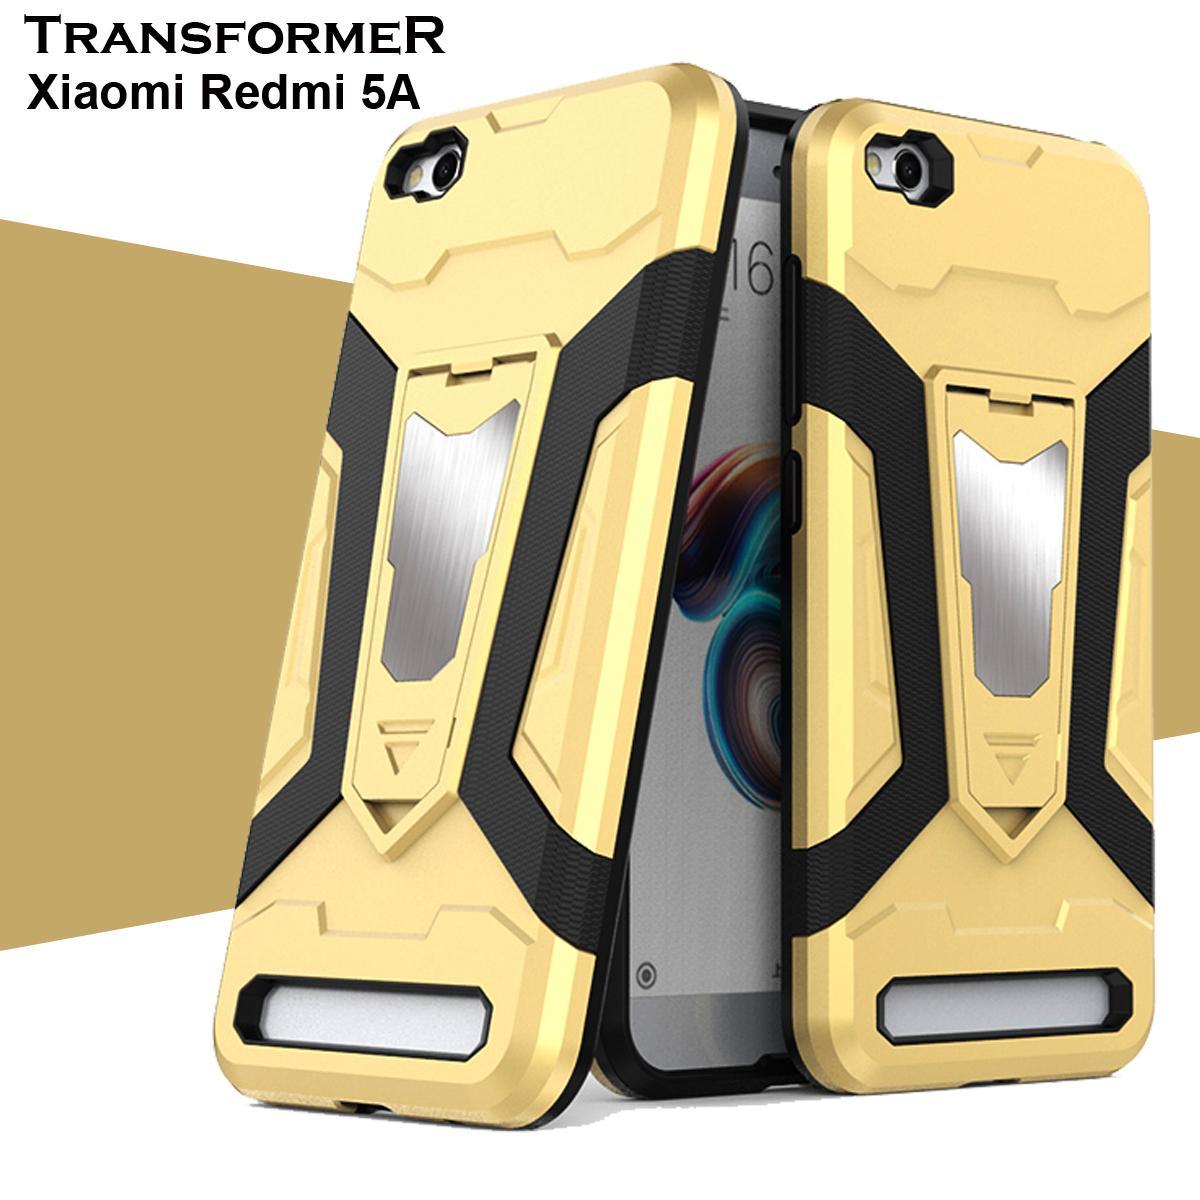 Jual Case Cover Hp Murah Garansi Dan Berkualitas Id Store Silikon Anticrack Redmi 5a Slim Anti Crack Rp 35100